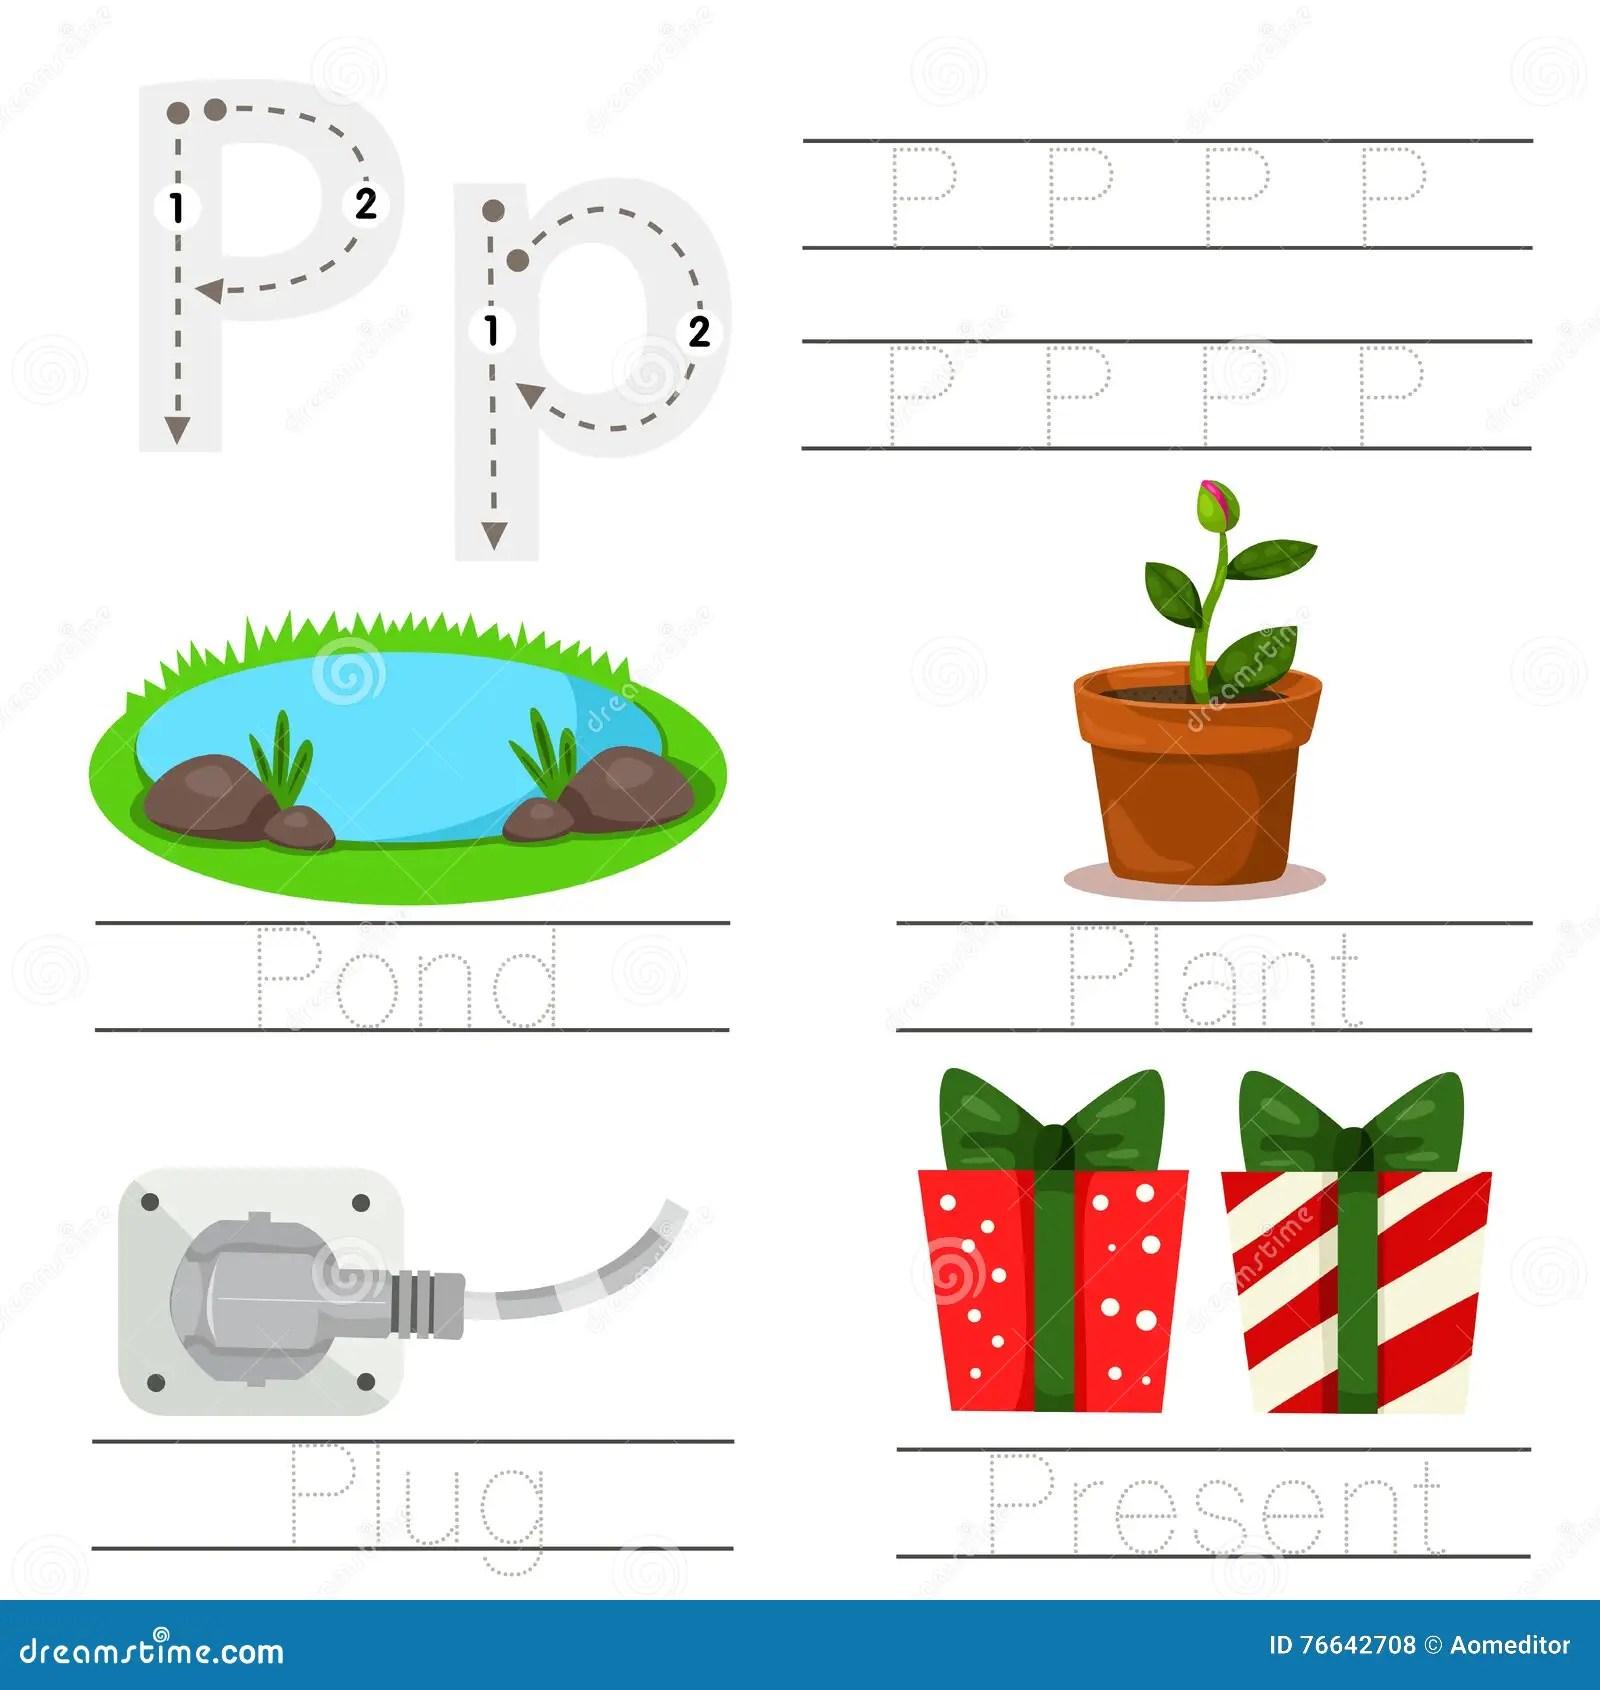 Illustrator Of Worksheet For Children P Font Stock Vector